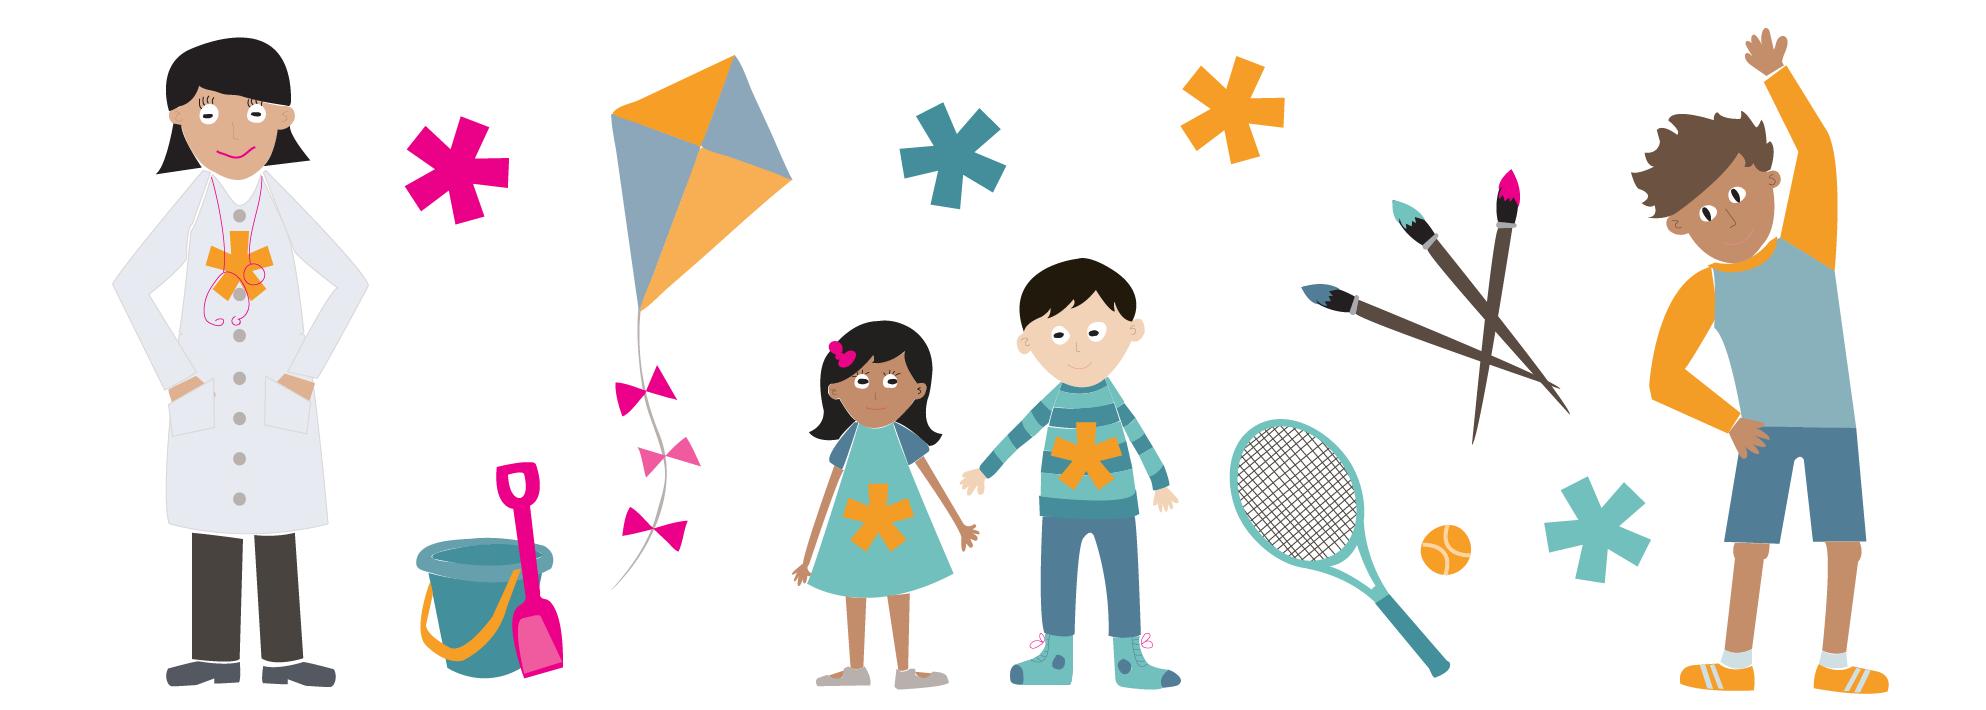 Saturdays Childcare Illustrations